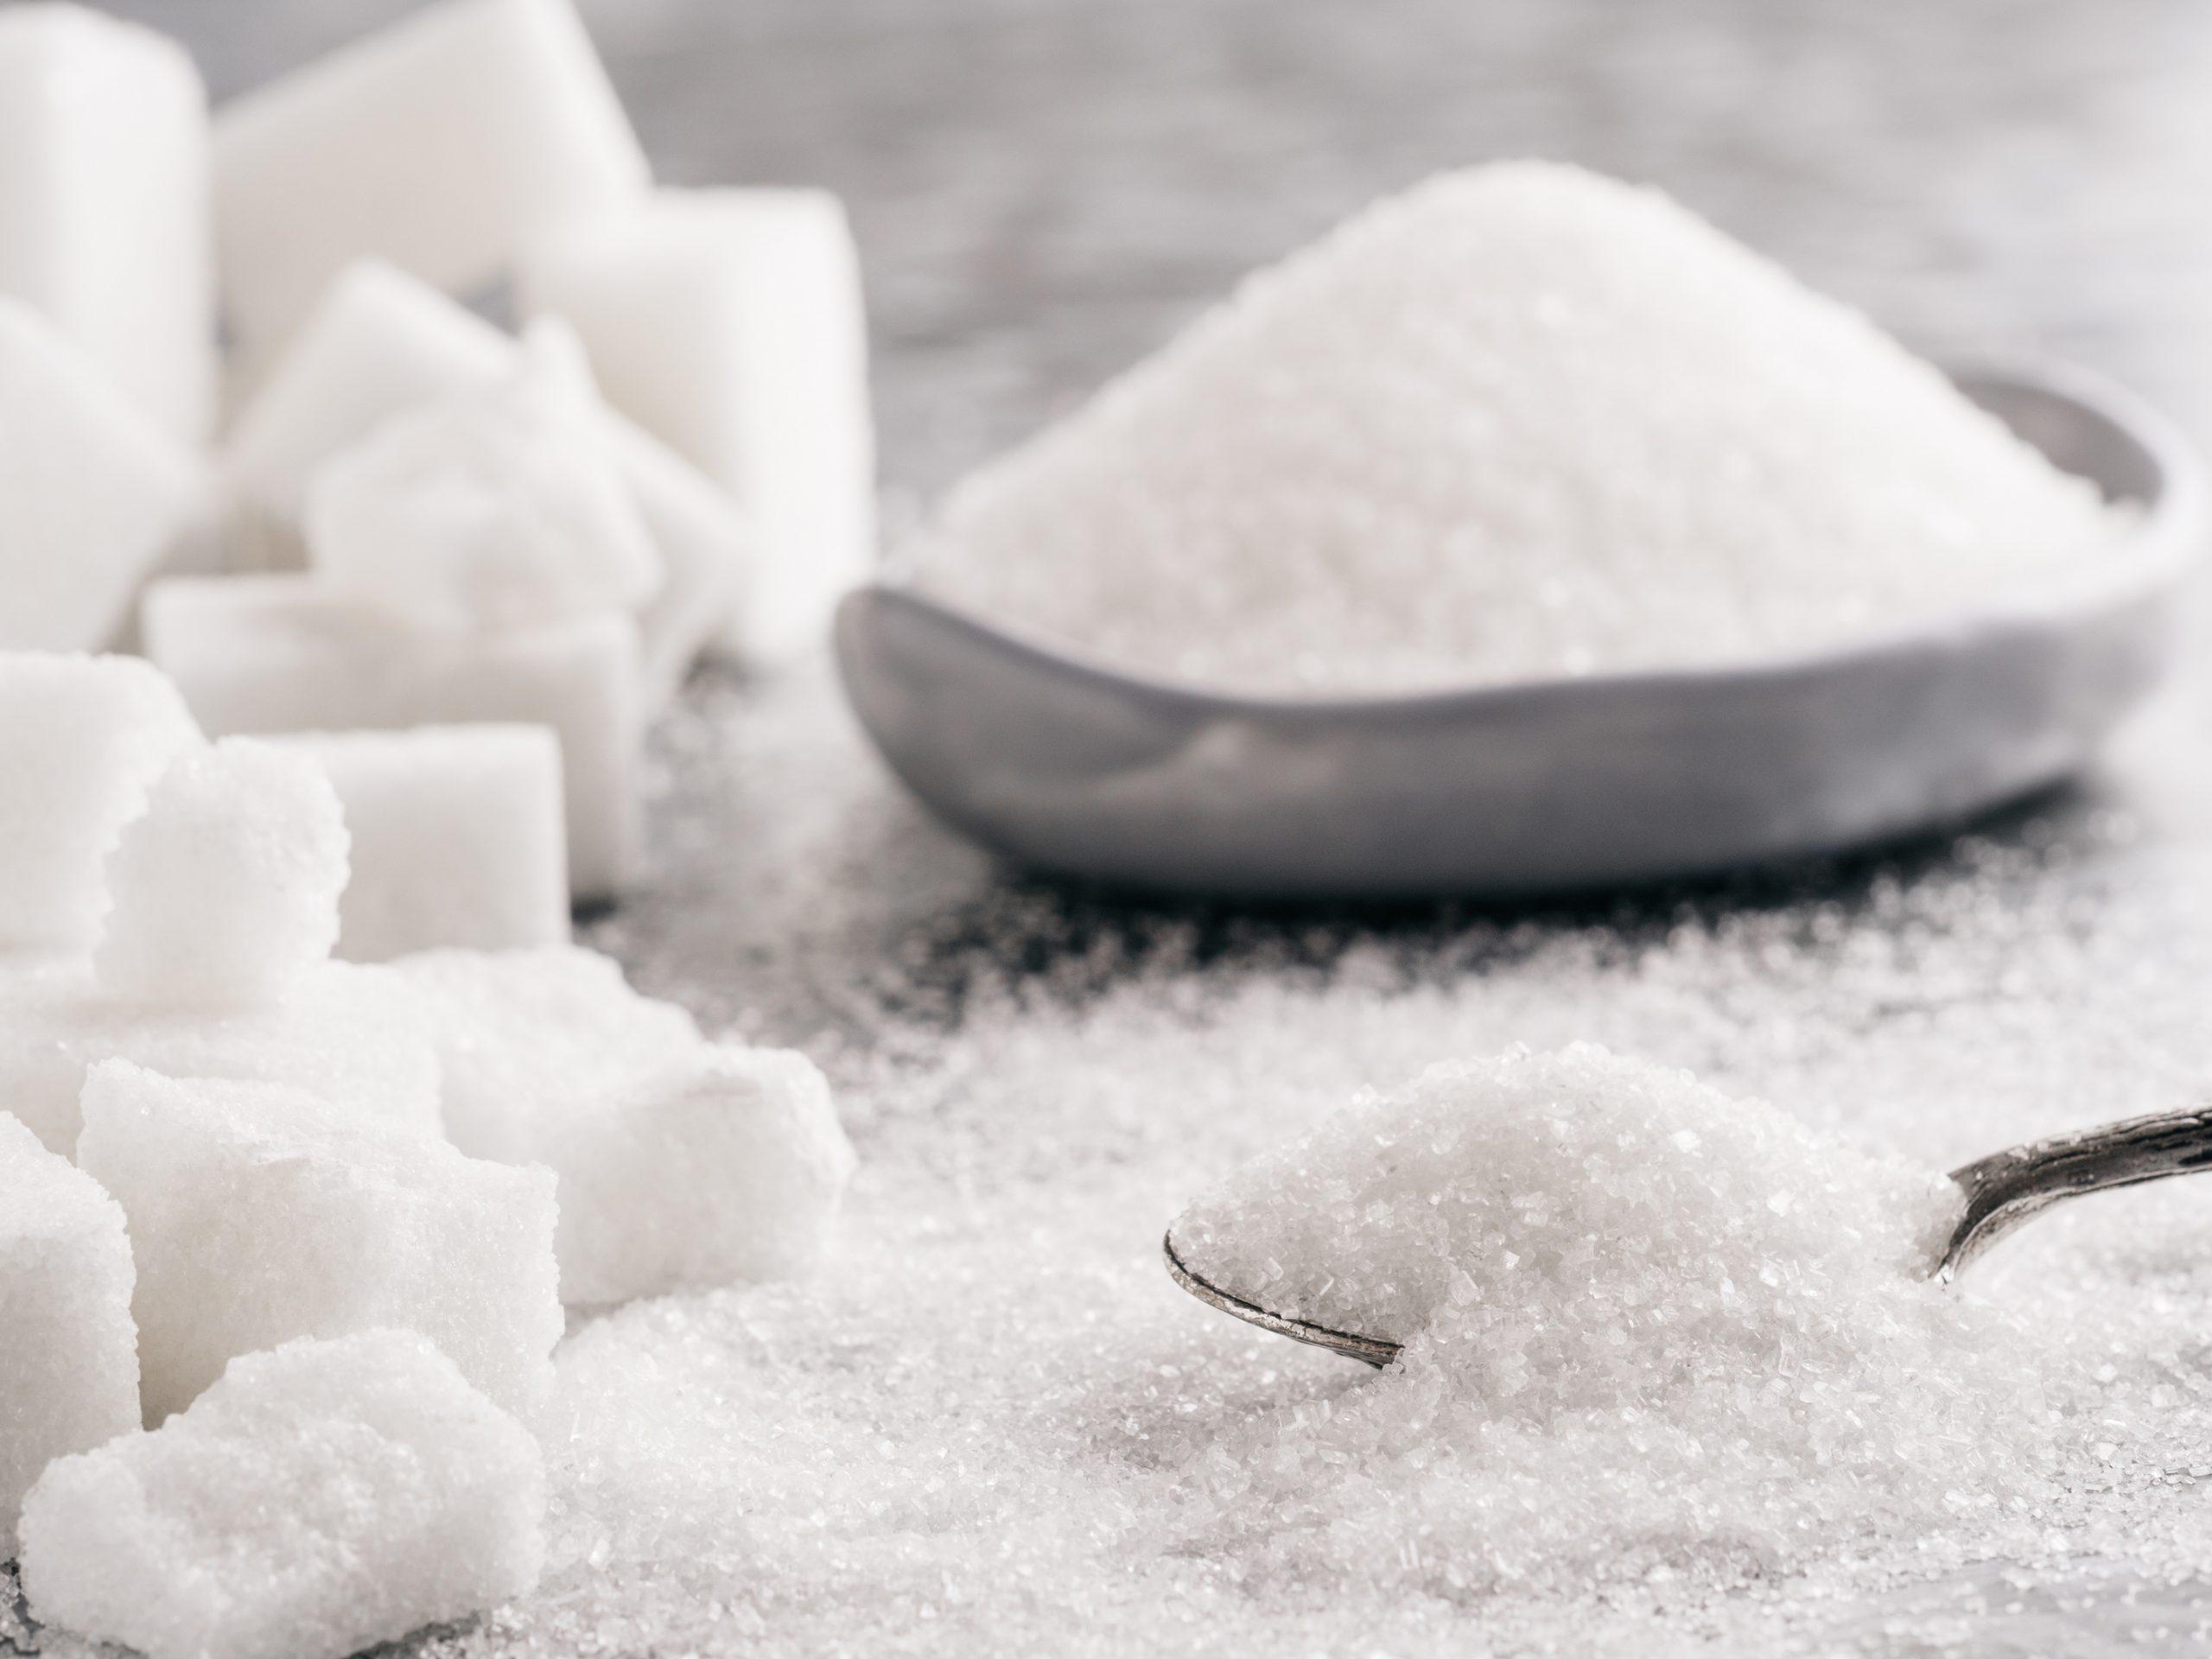 Spadek produkcji cukru w Polsce